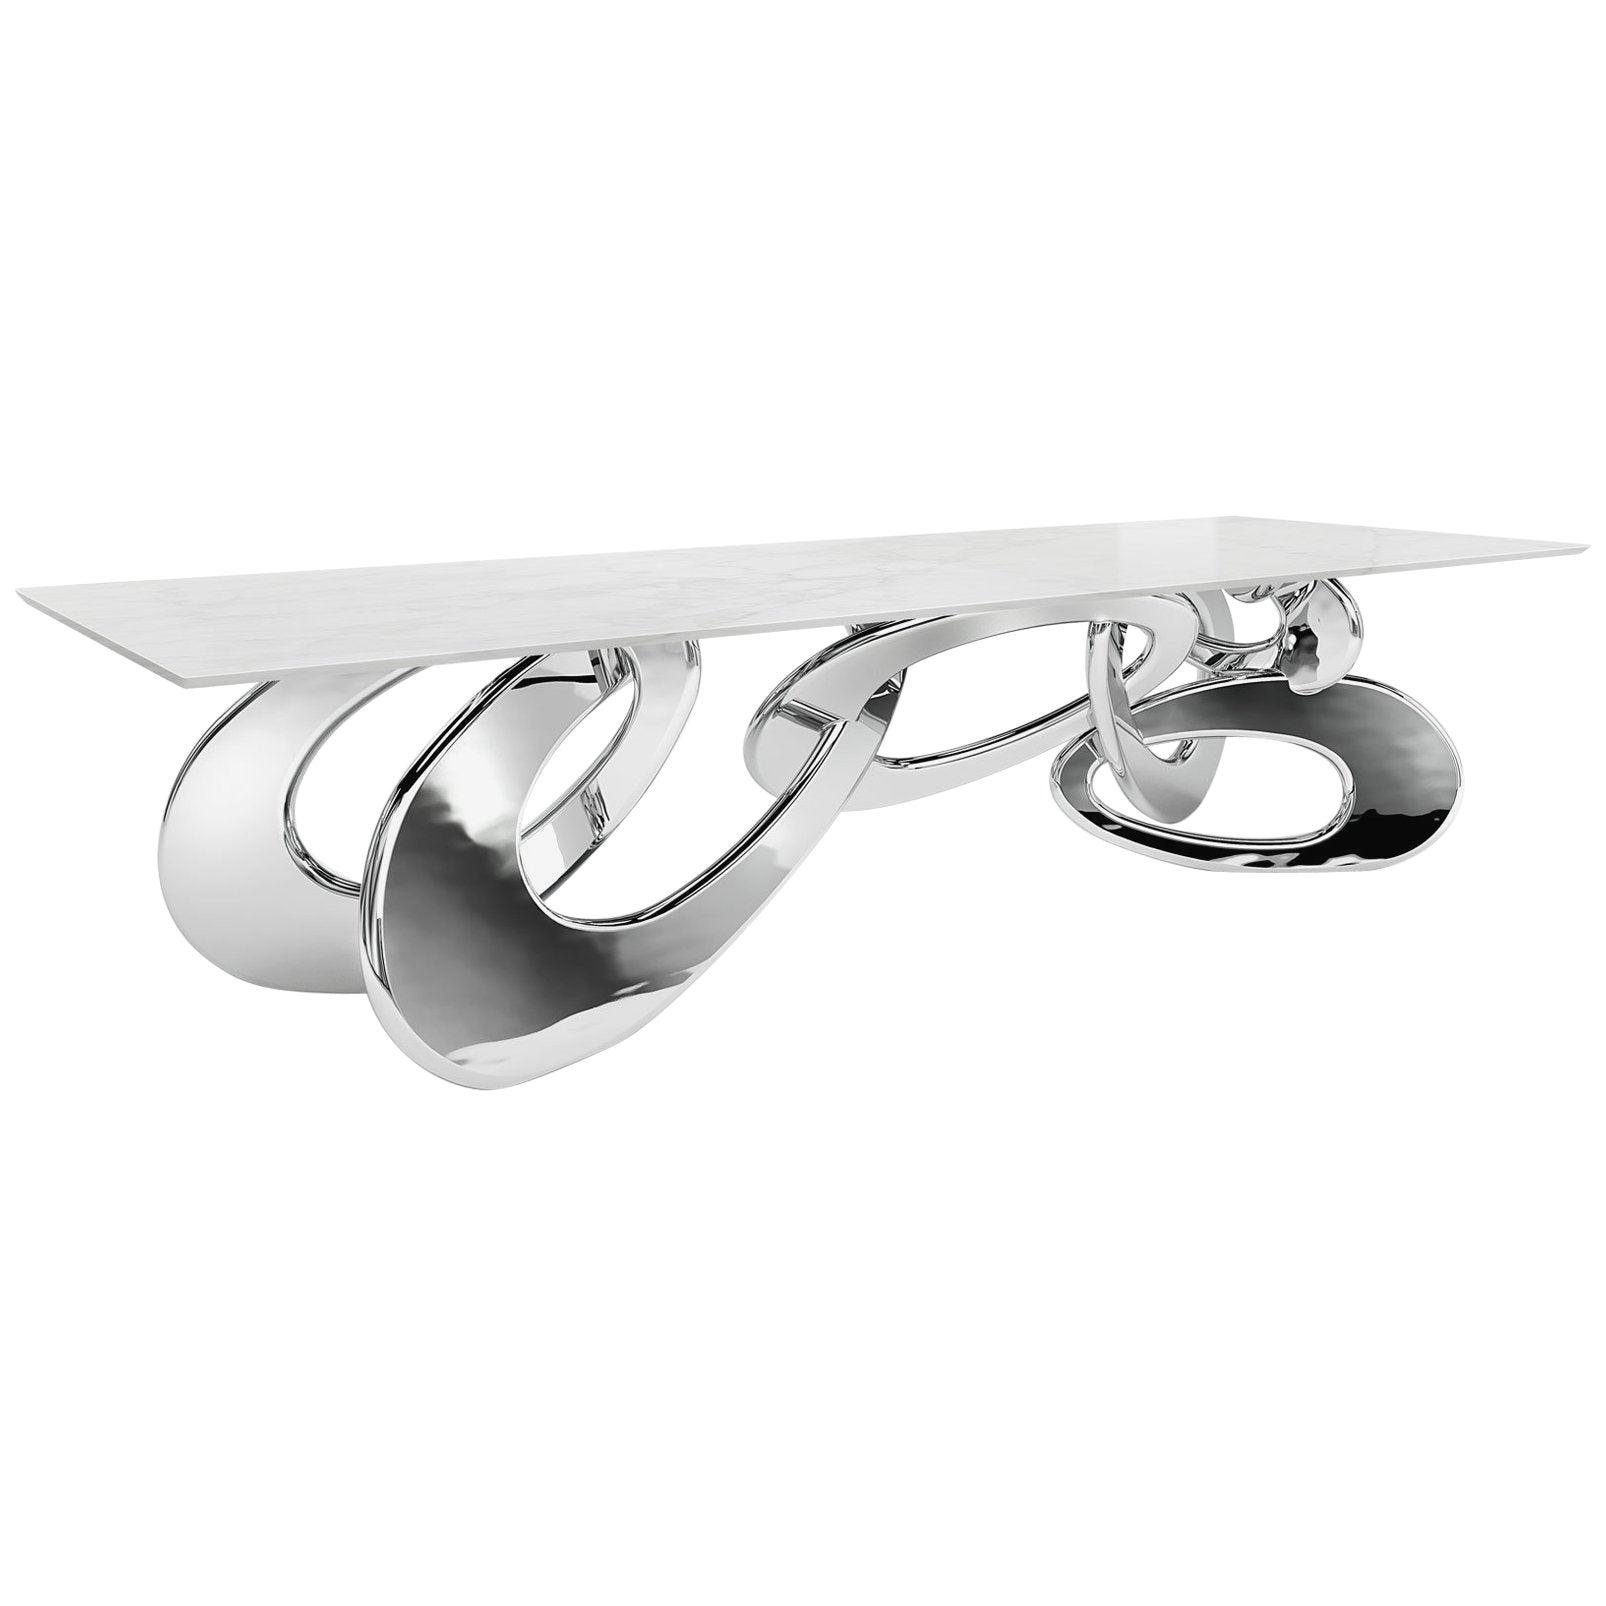 Dining Table Modern Rectangular Steel White Marble Italian Design